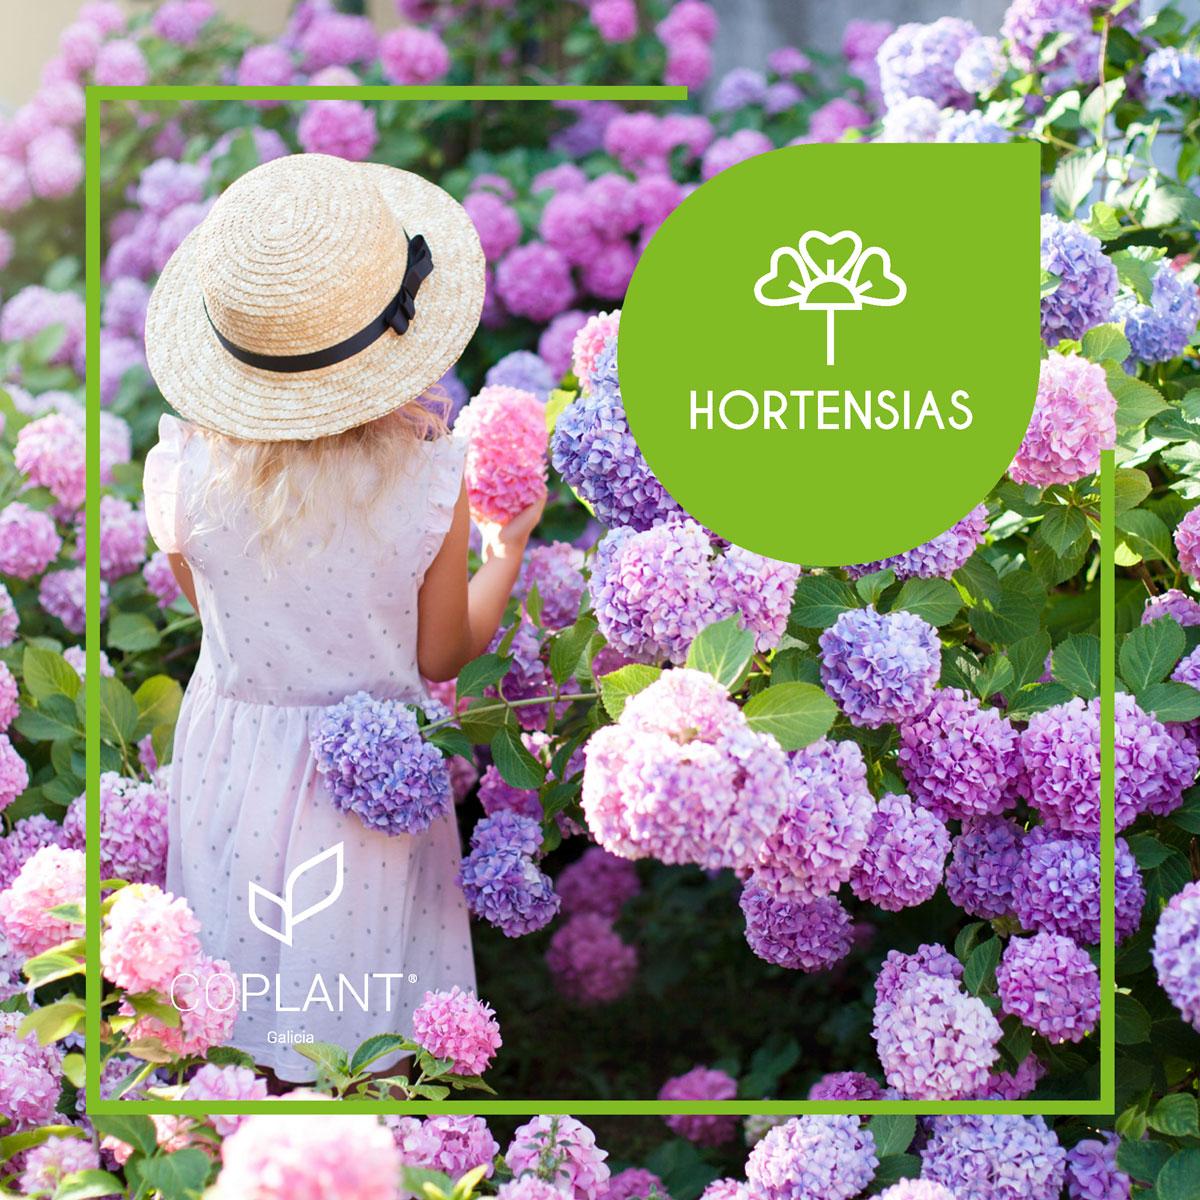 Catálogo de Hortensias 2020